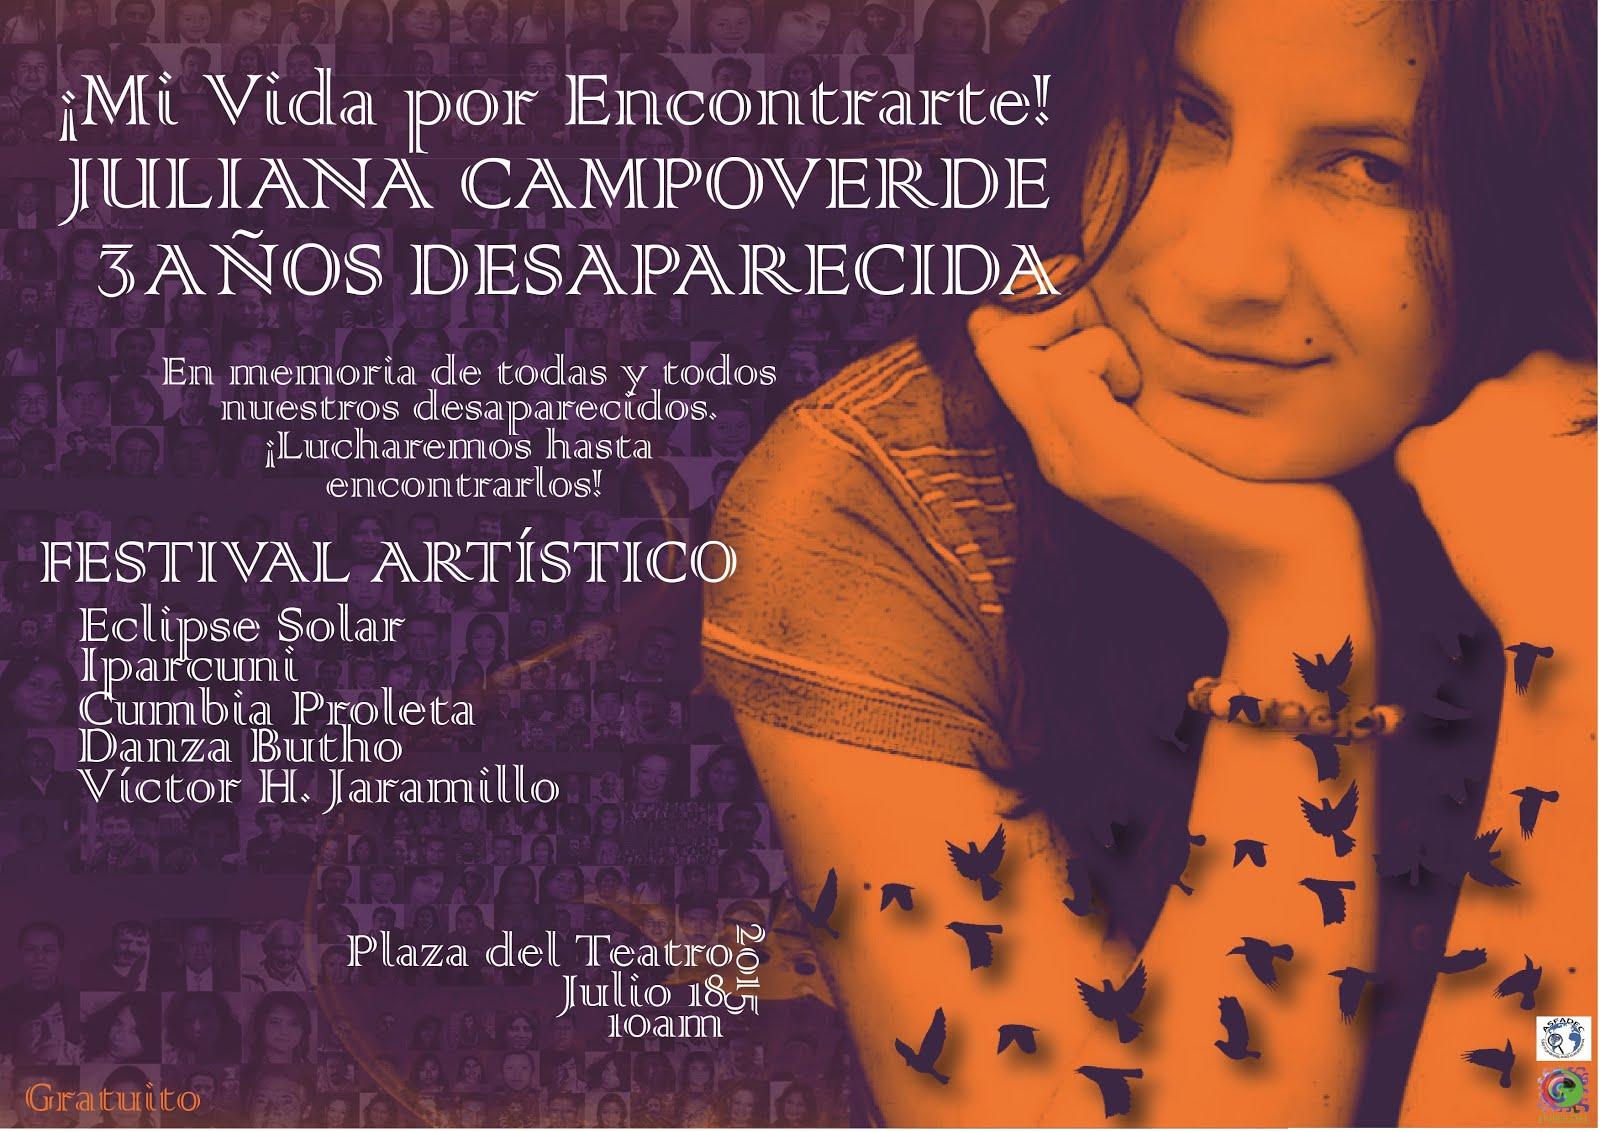 Festivales artísticos